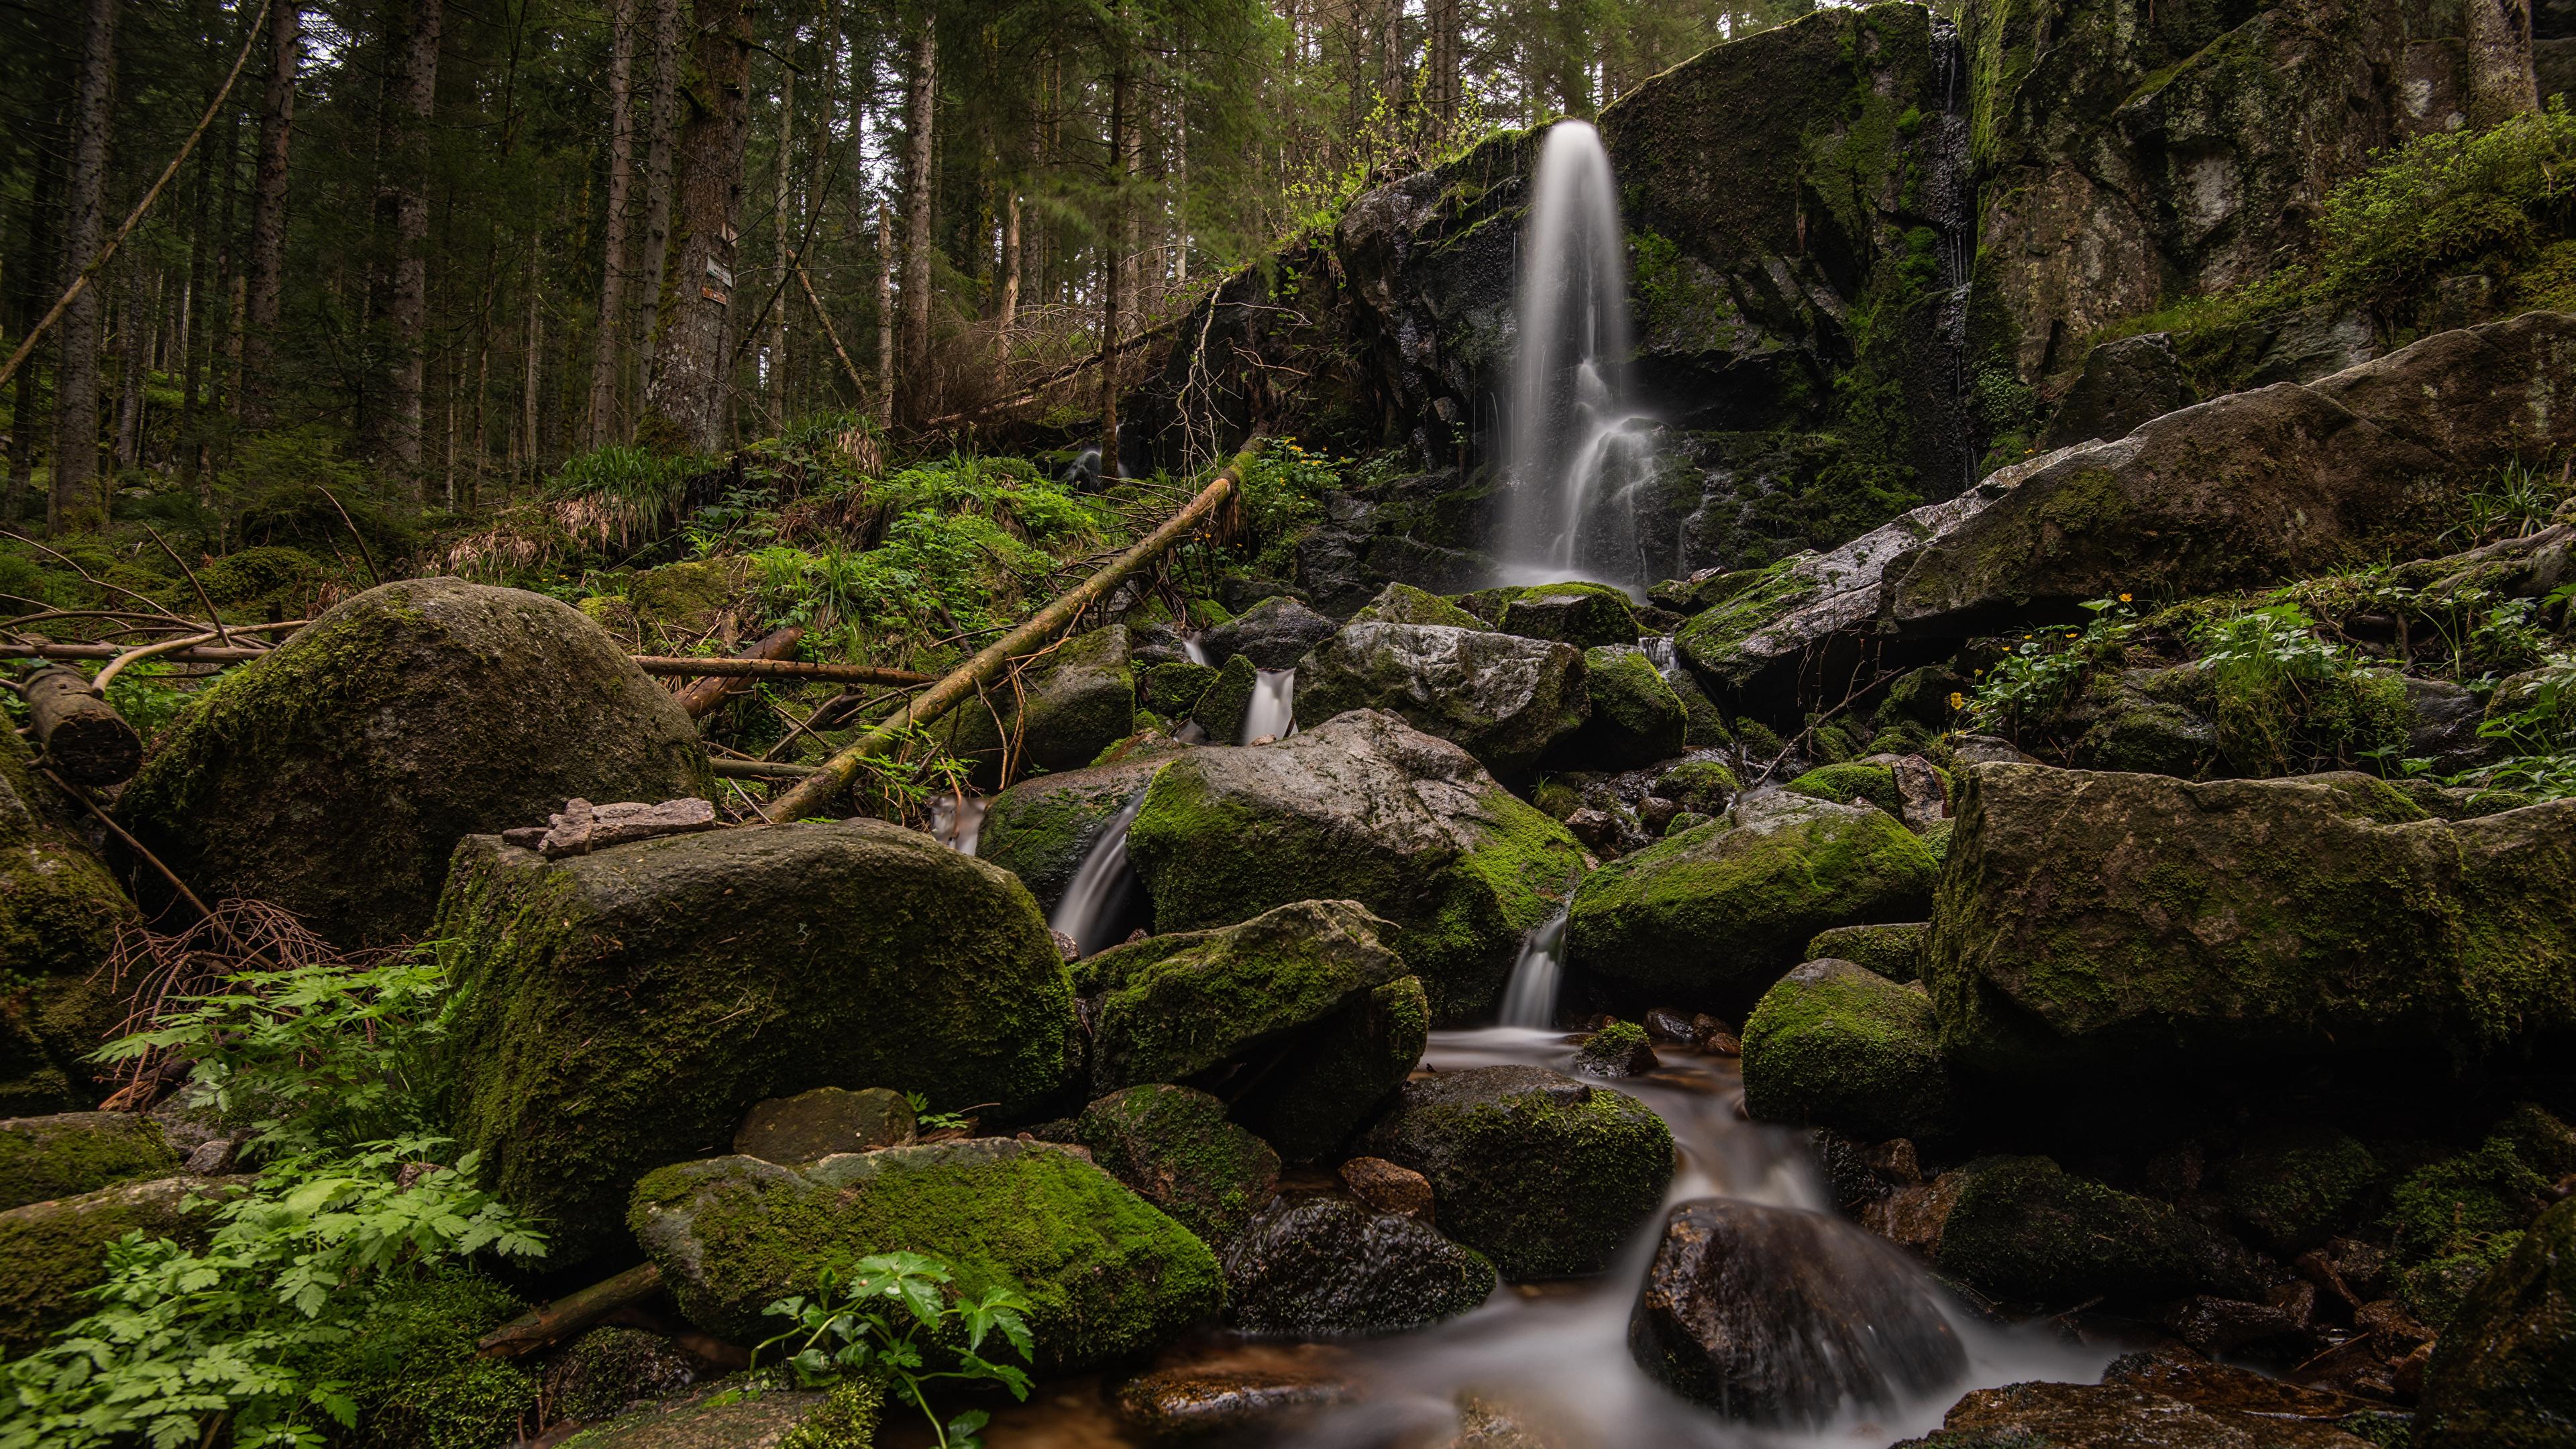 Фотографии Франция Cascade de Merelle скале Природа Водопады Леса Мох Камни 3840x2160 Утес скалы Скала мха мхом Камень